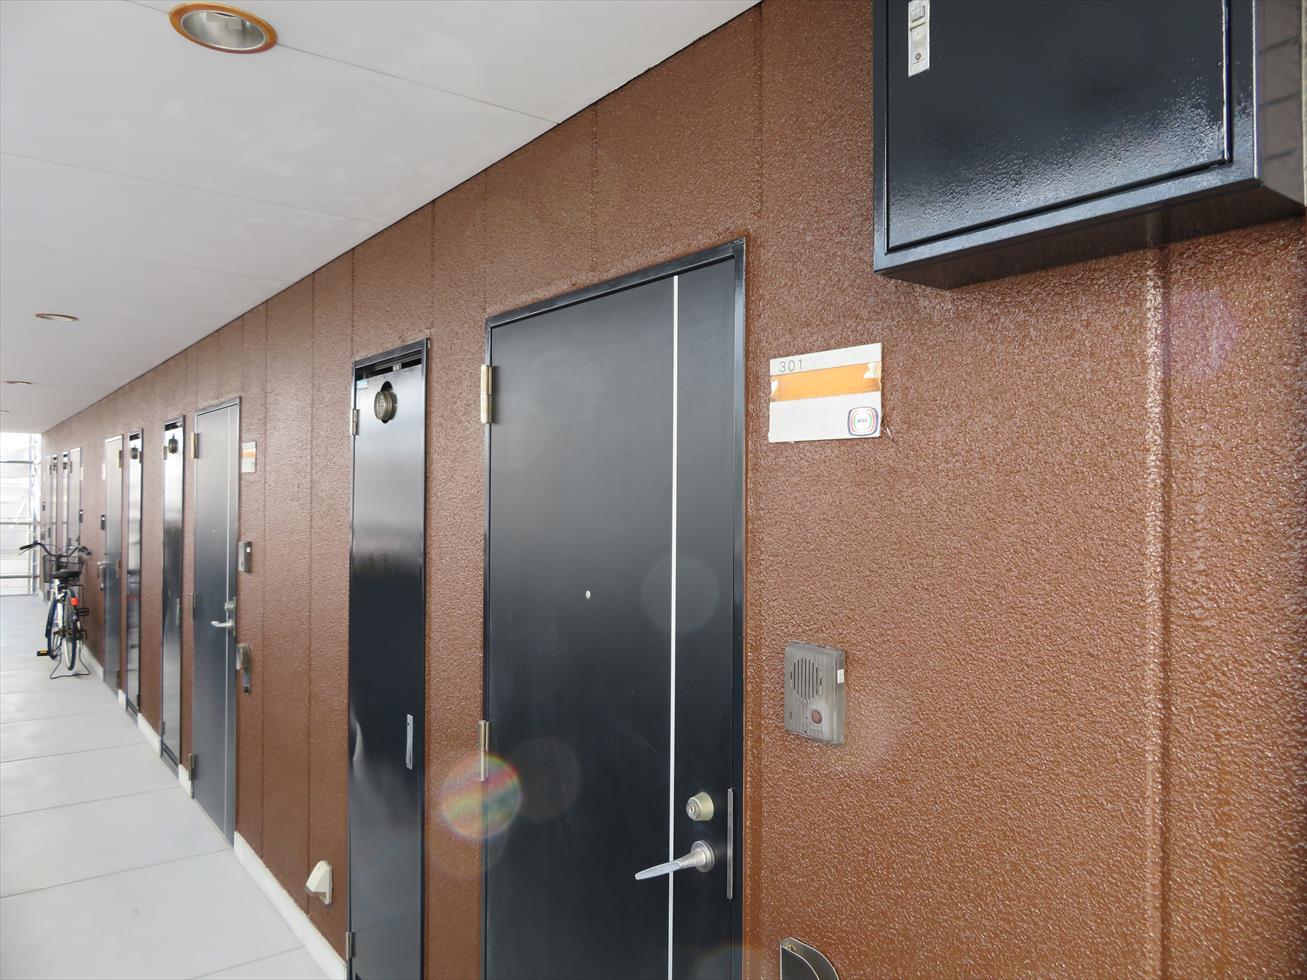 宝塚市のマンション大規模修繕工事で外壁塗装、鉄部塗装、樹脂部塗装、防塵塗装、コーキング打ち替え工事が完了した